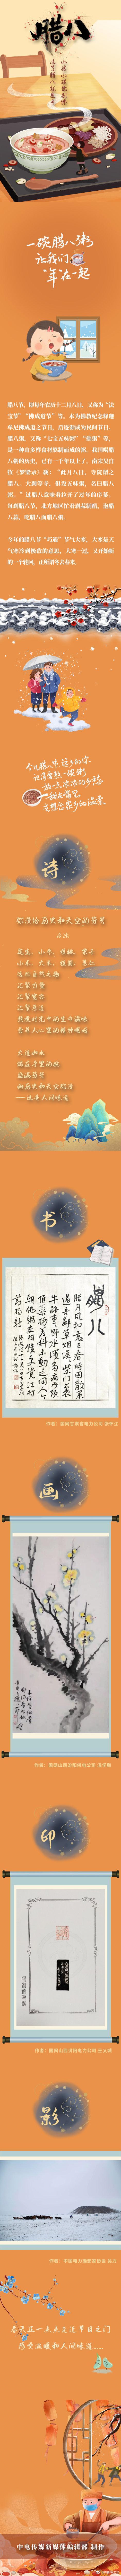 """腊八·万事""""粥""""全丨戳长图,看看电力人的中国传统节日文化"""